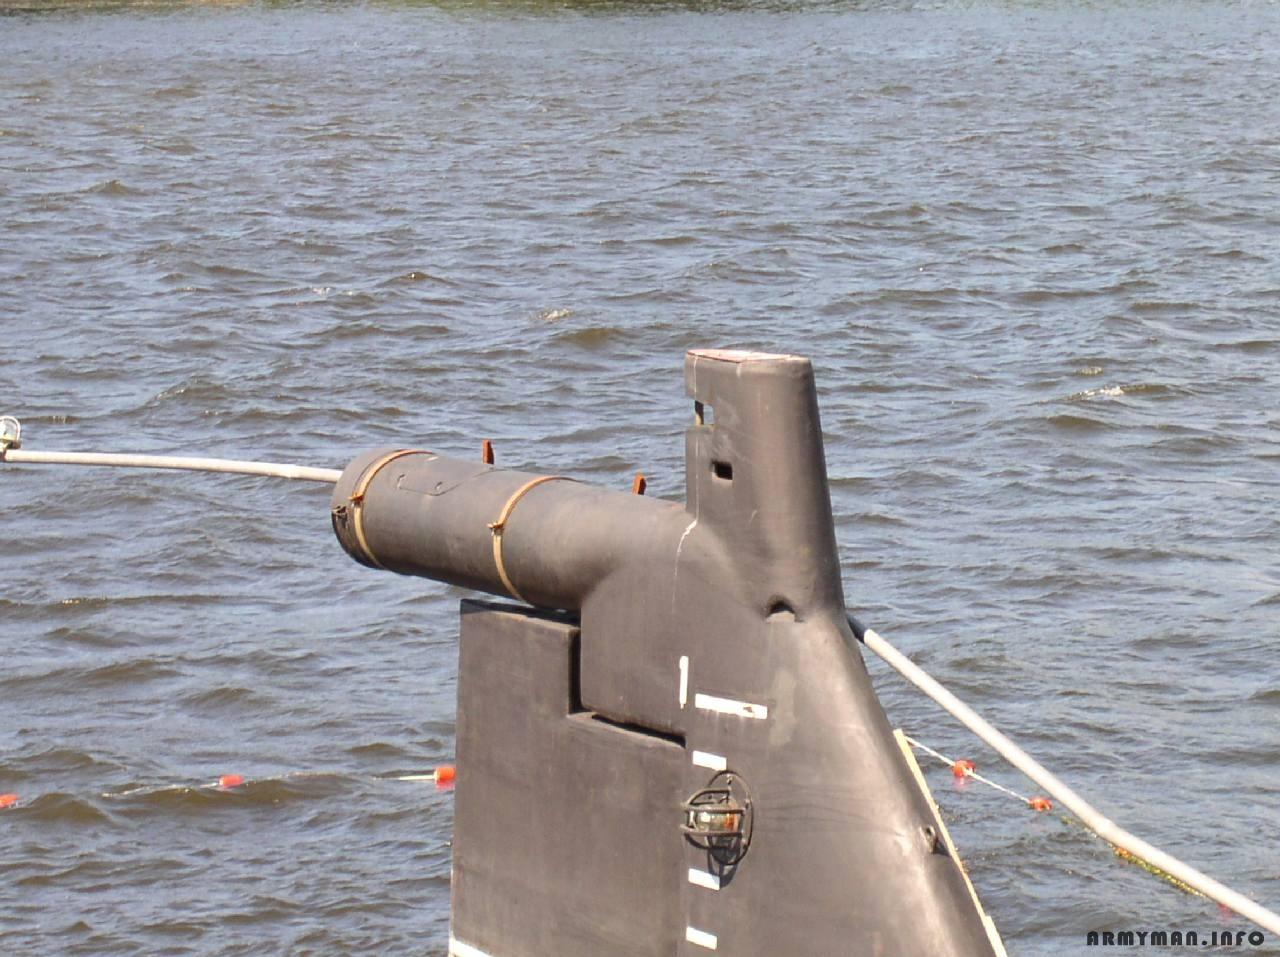 телескопическая антенна на подводной лодке фото это